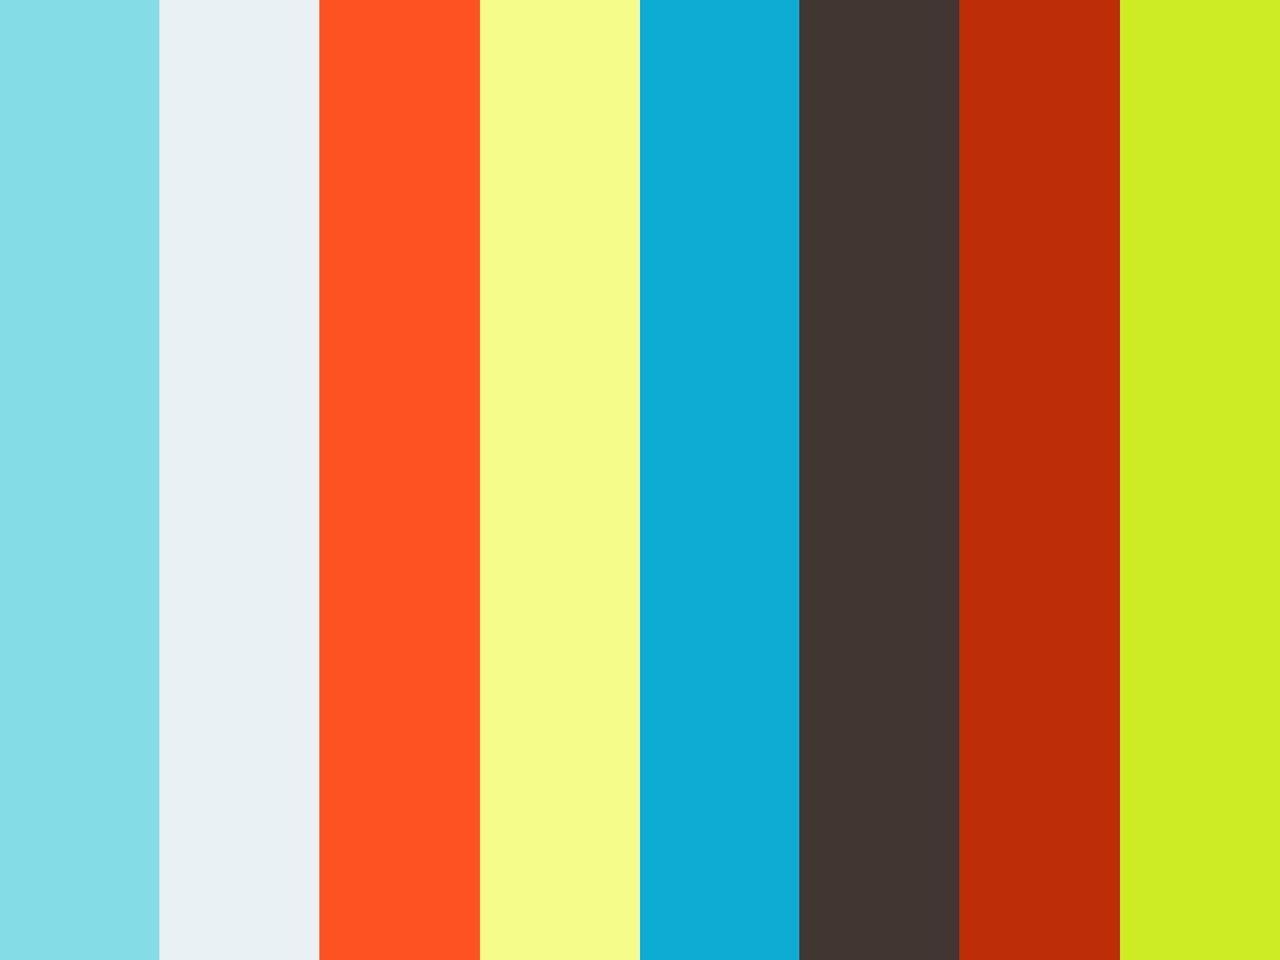 Fiotti Superalmacen De Muebles Vimeoinfo # Muebles Fiotti Cali